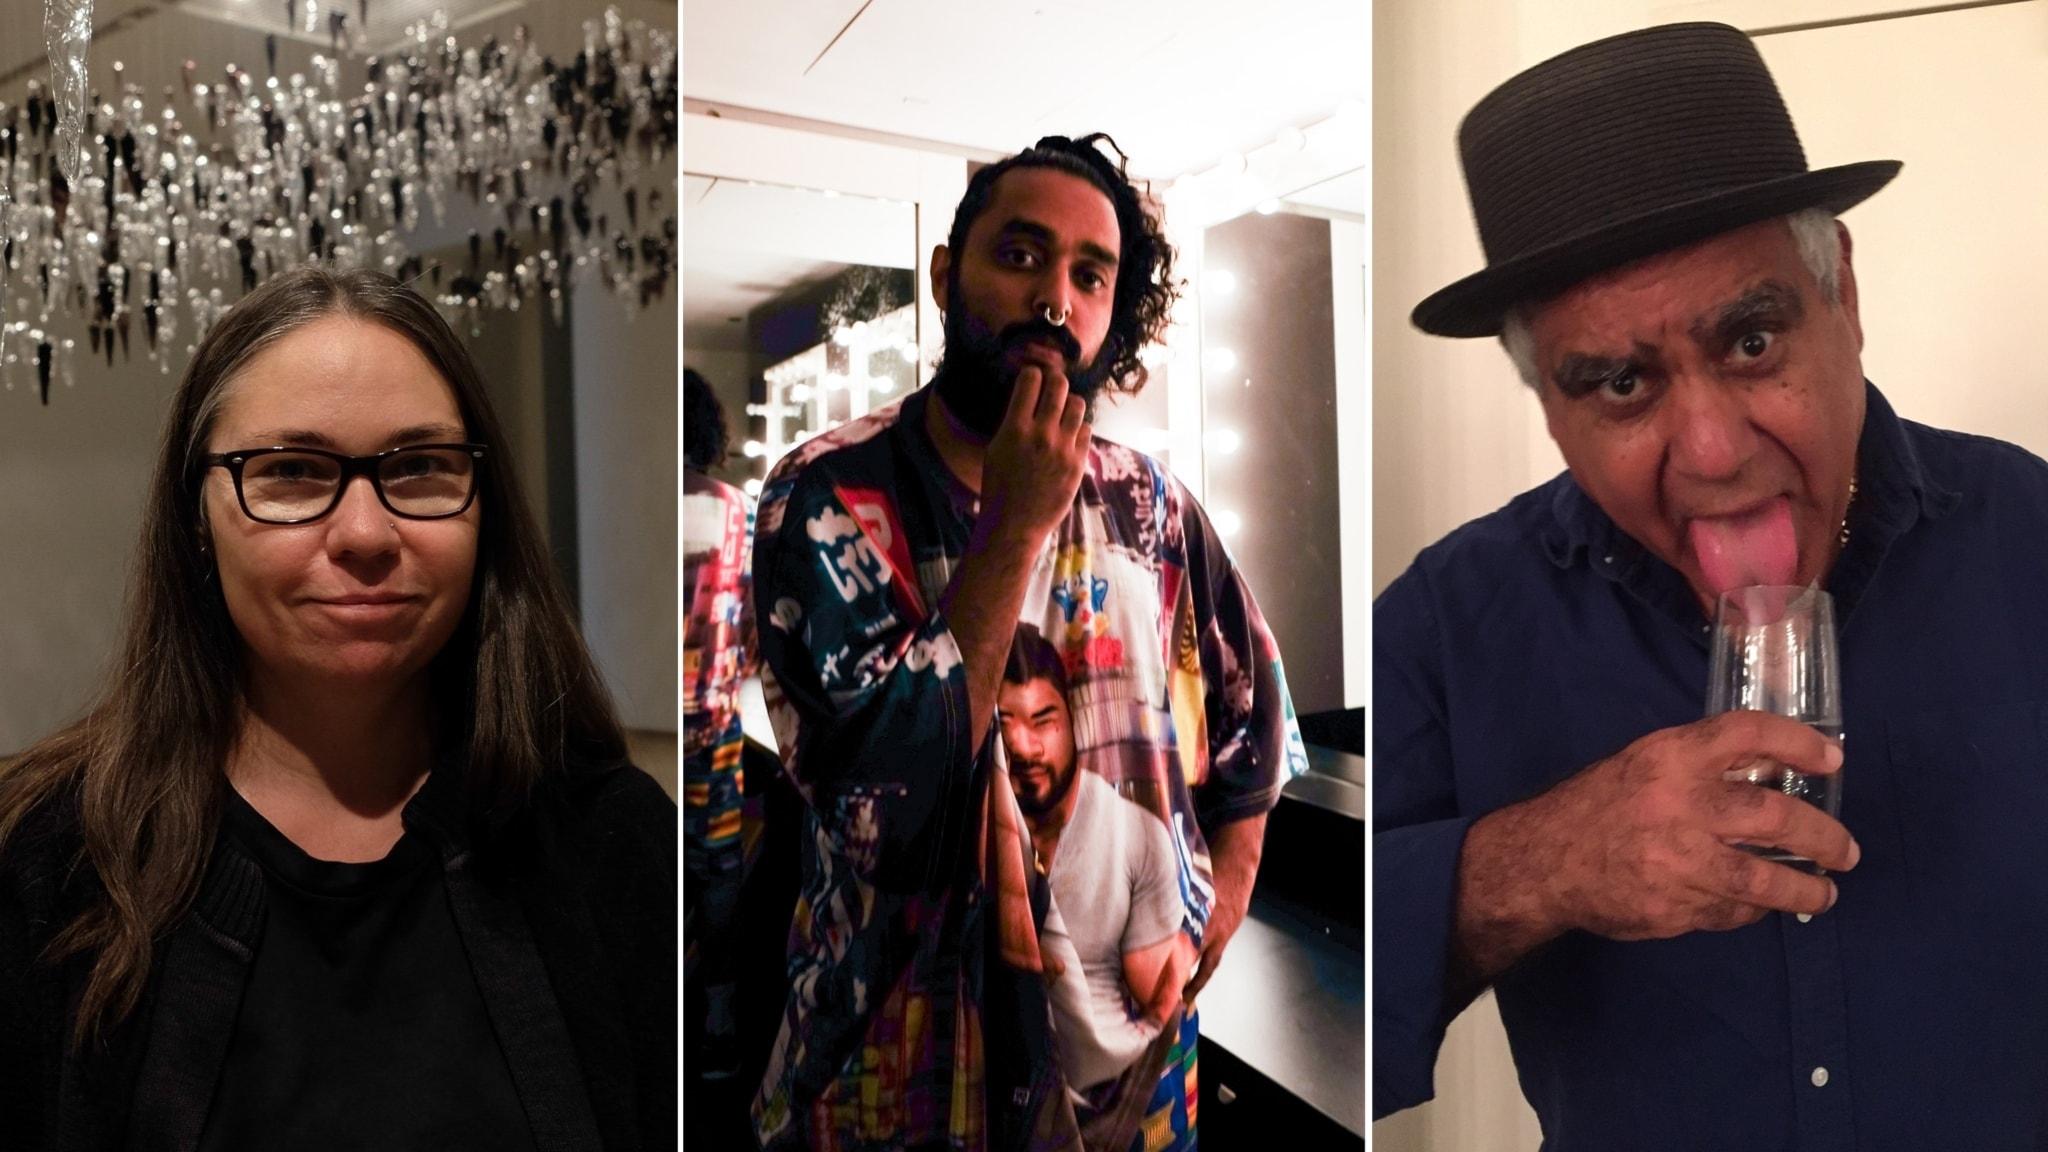 Veckans podd: Australien söker sin identitet i konsten